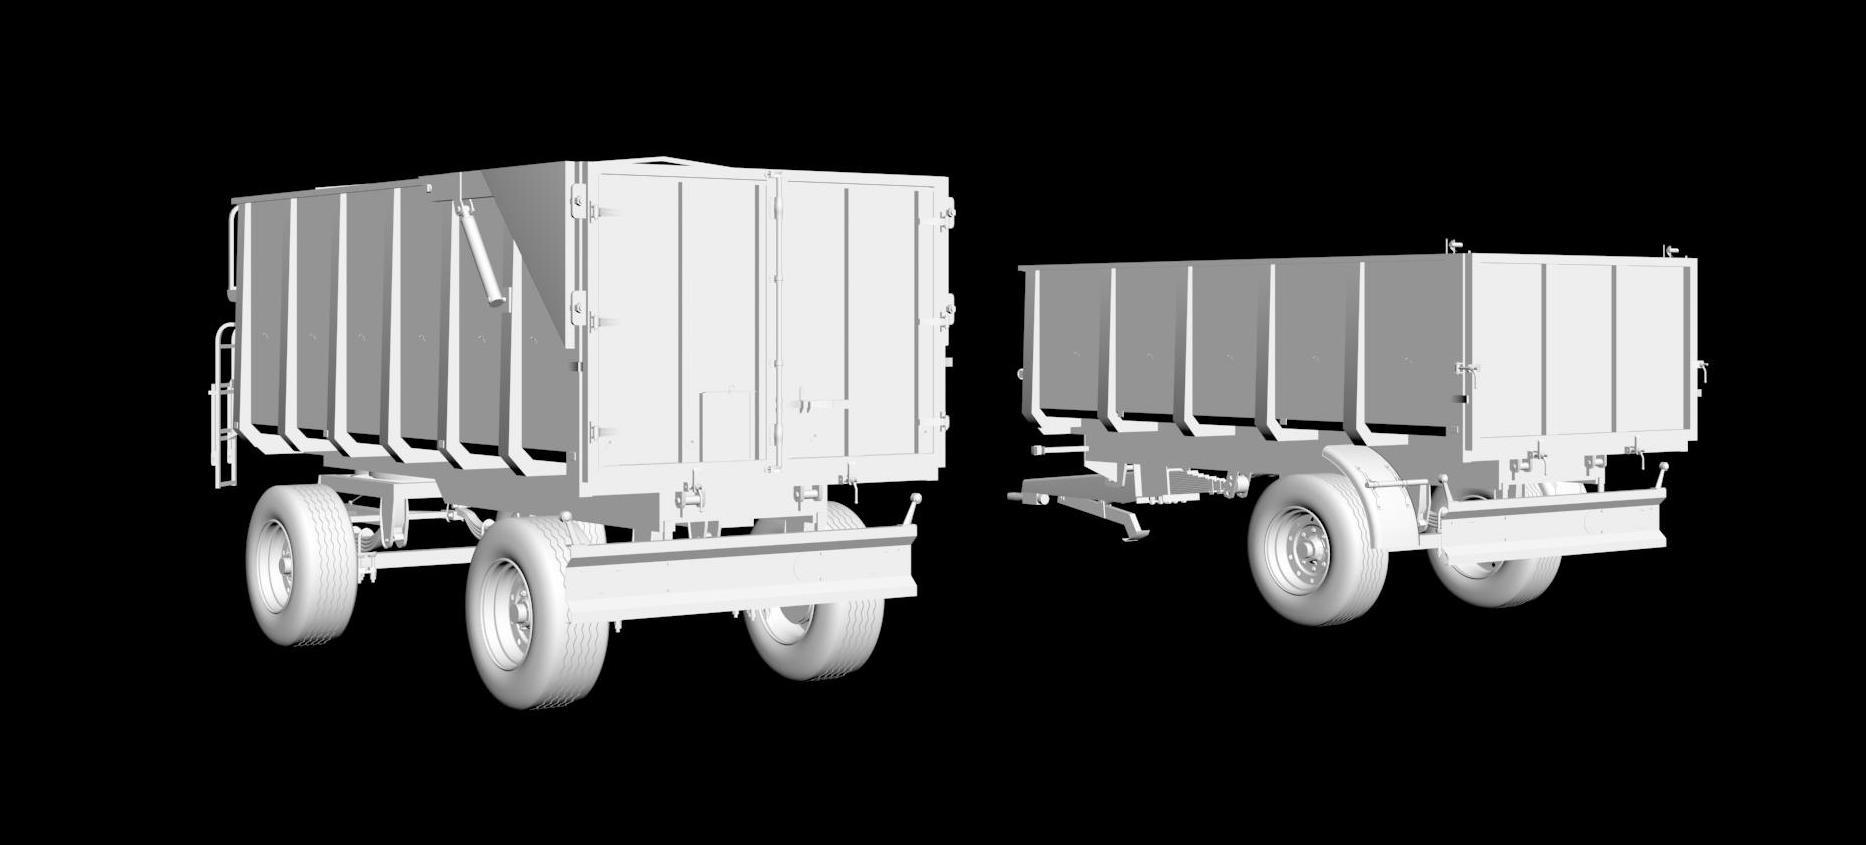 [Encuesta][T.E.P.] Proyecto Aguas Tenias (22 modelos + 1 Camión) [Terminado 21-4-2014]. - Página 4 36y2jot